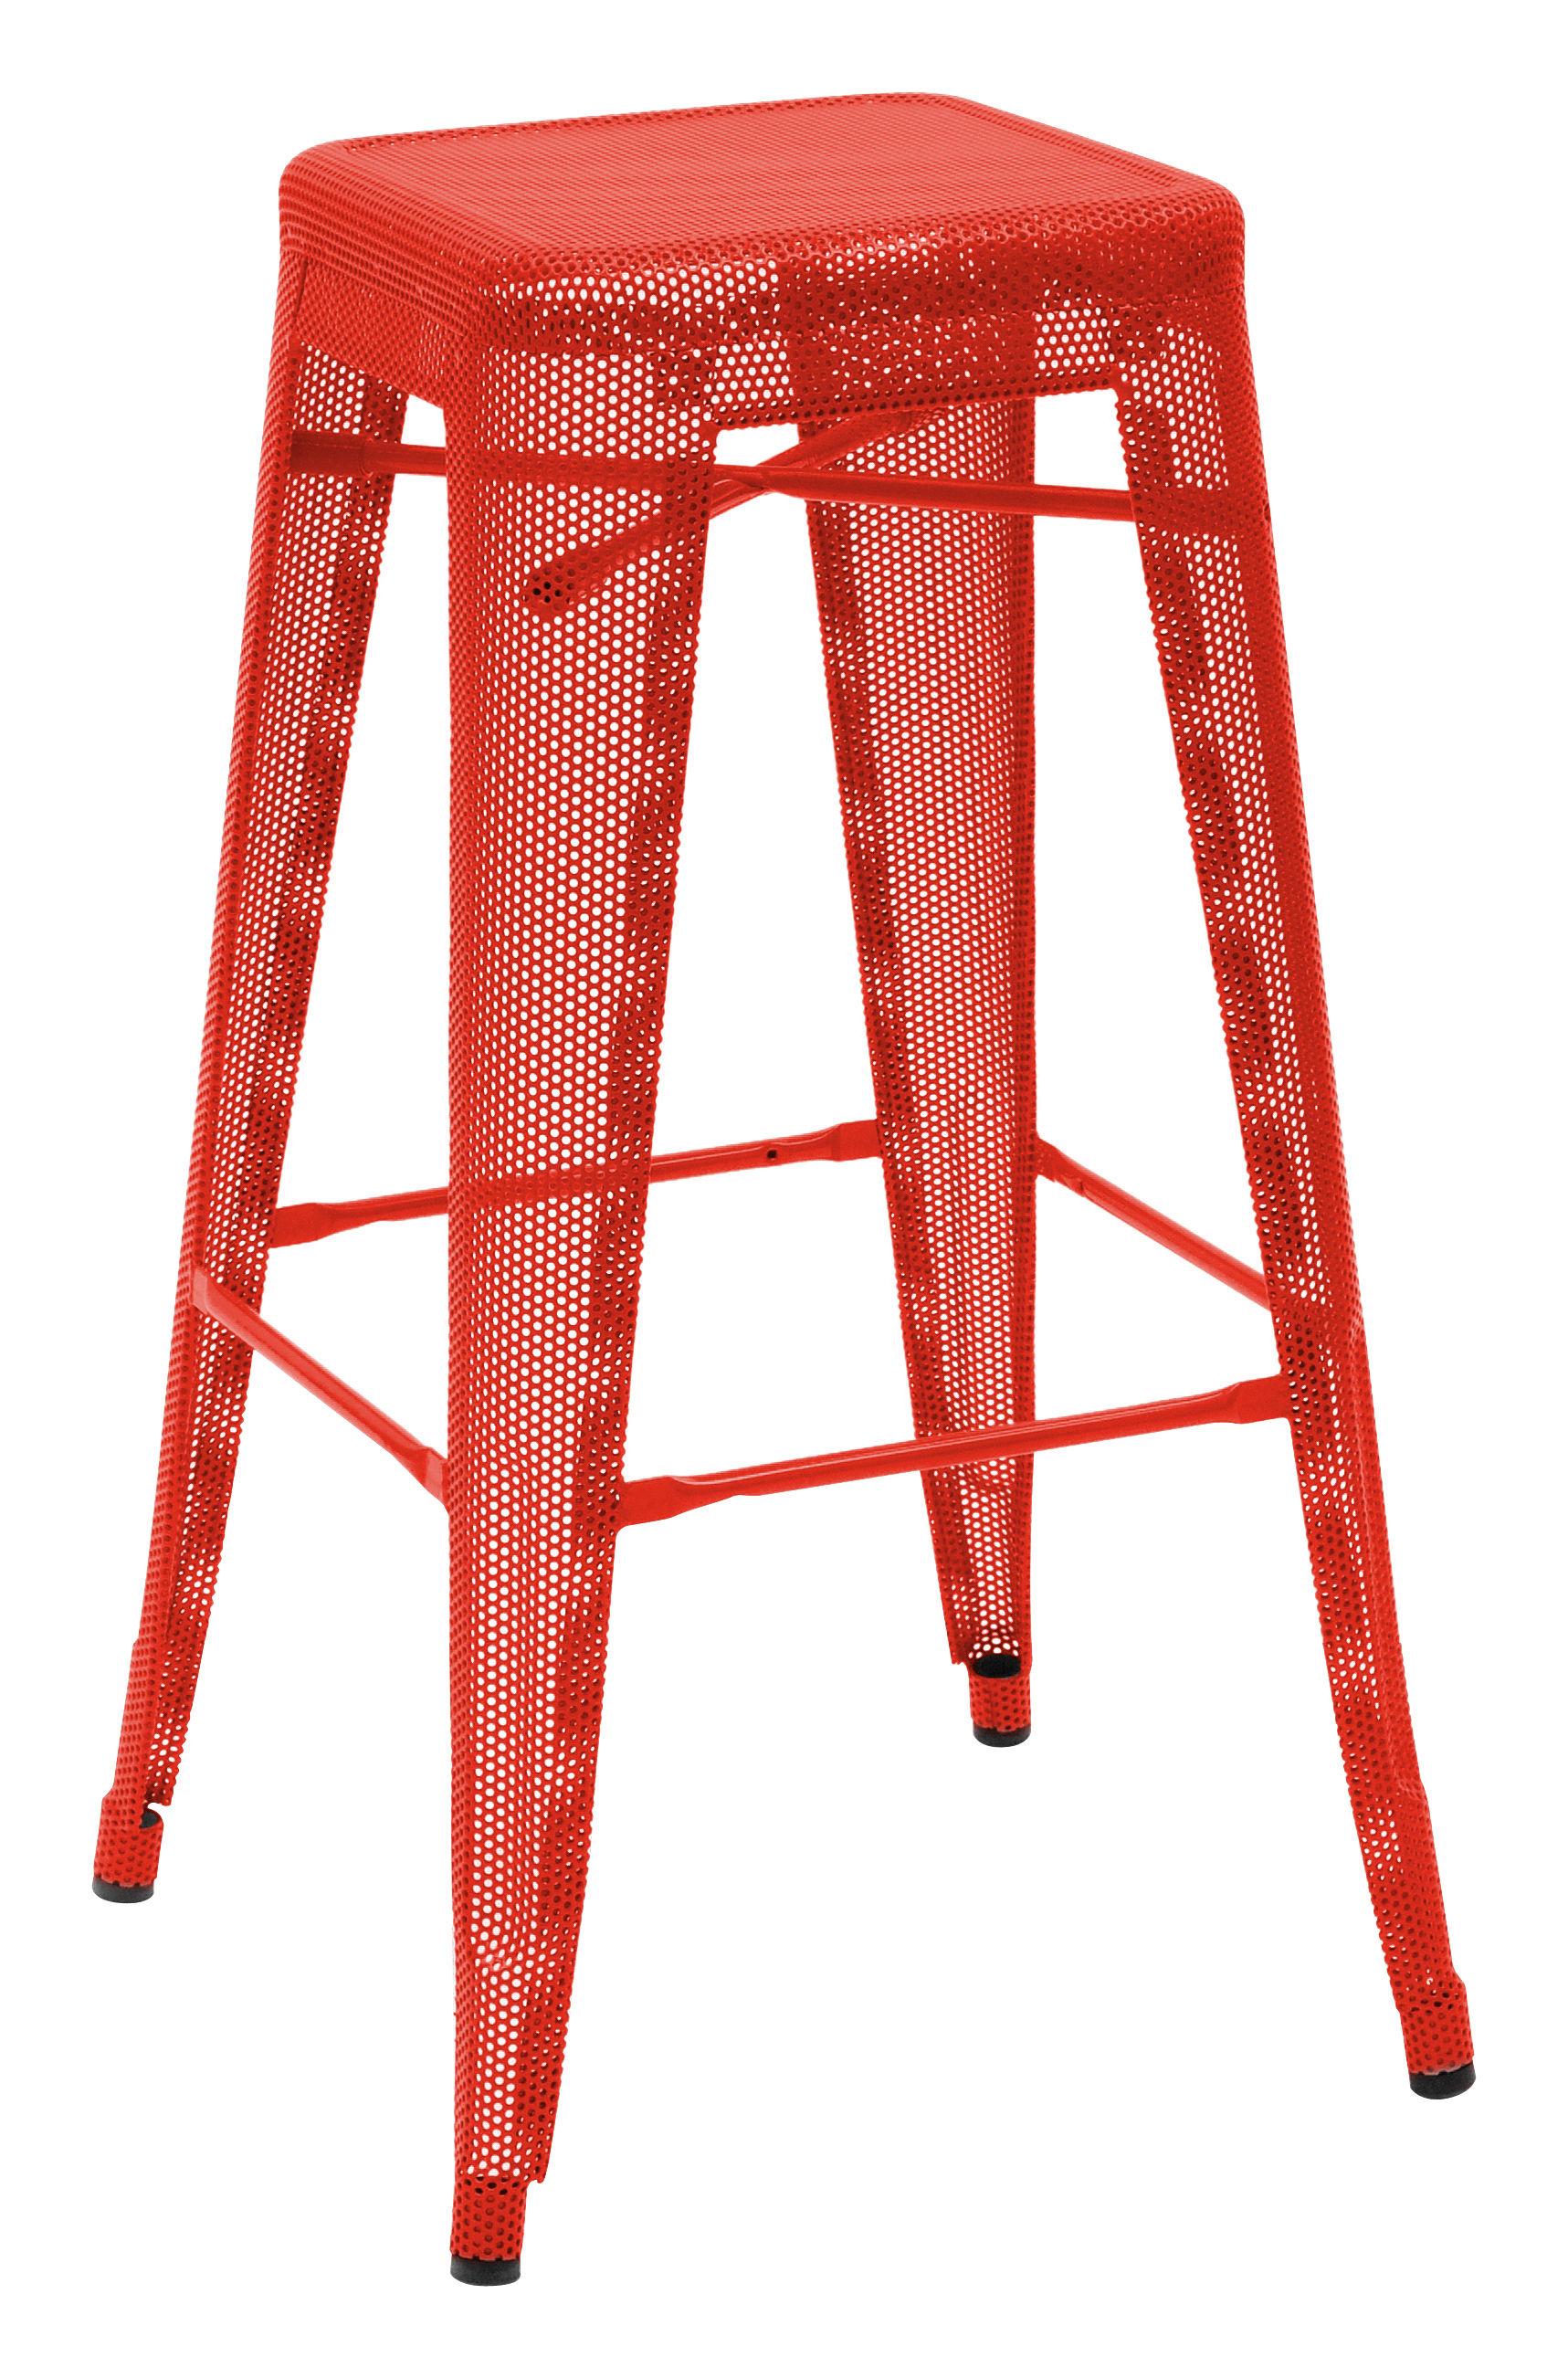 Arredamento - Sgabelli da bar  - Sgabello bar H Perforé - acciaio laccato perforato - H 75 cm di Tolix - Rosso - Acciaio riciclato laccato